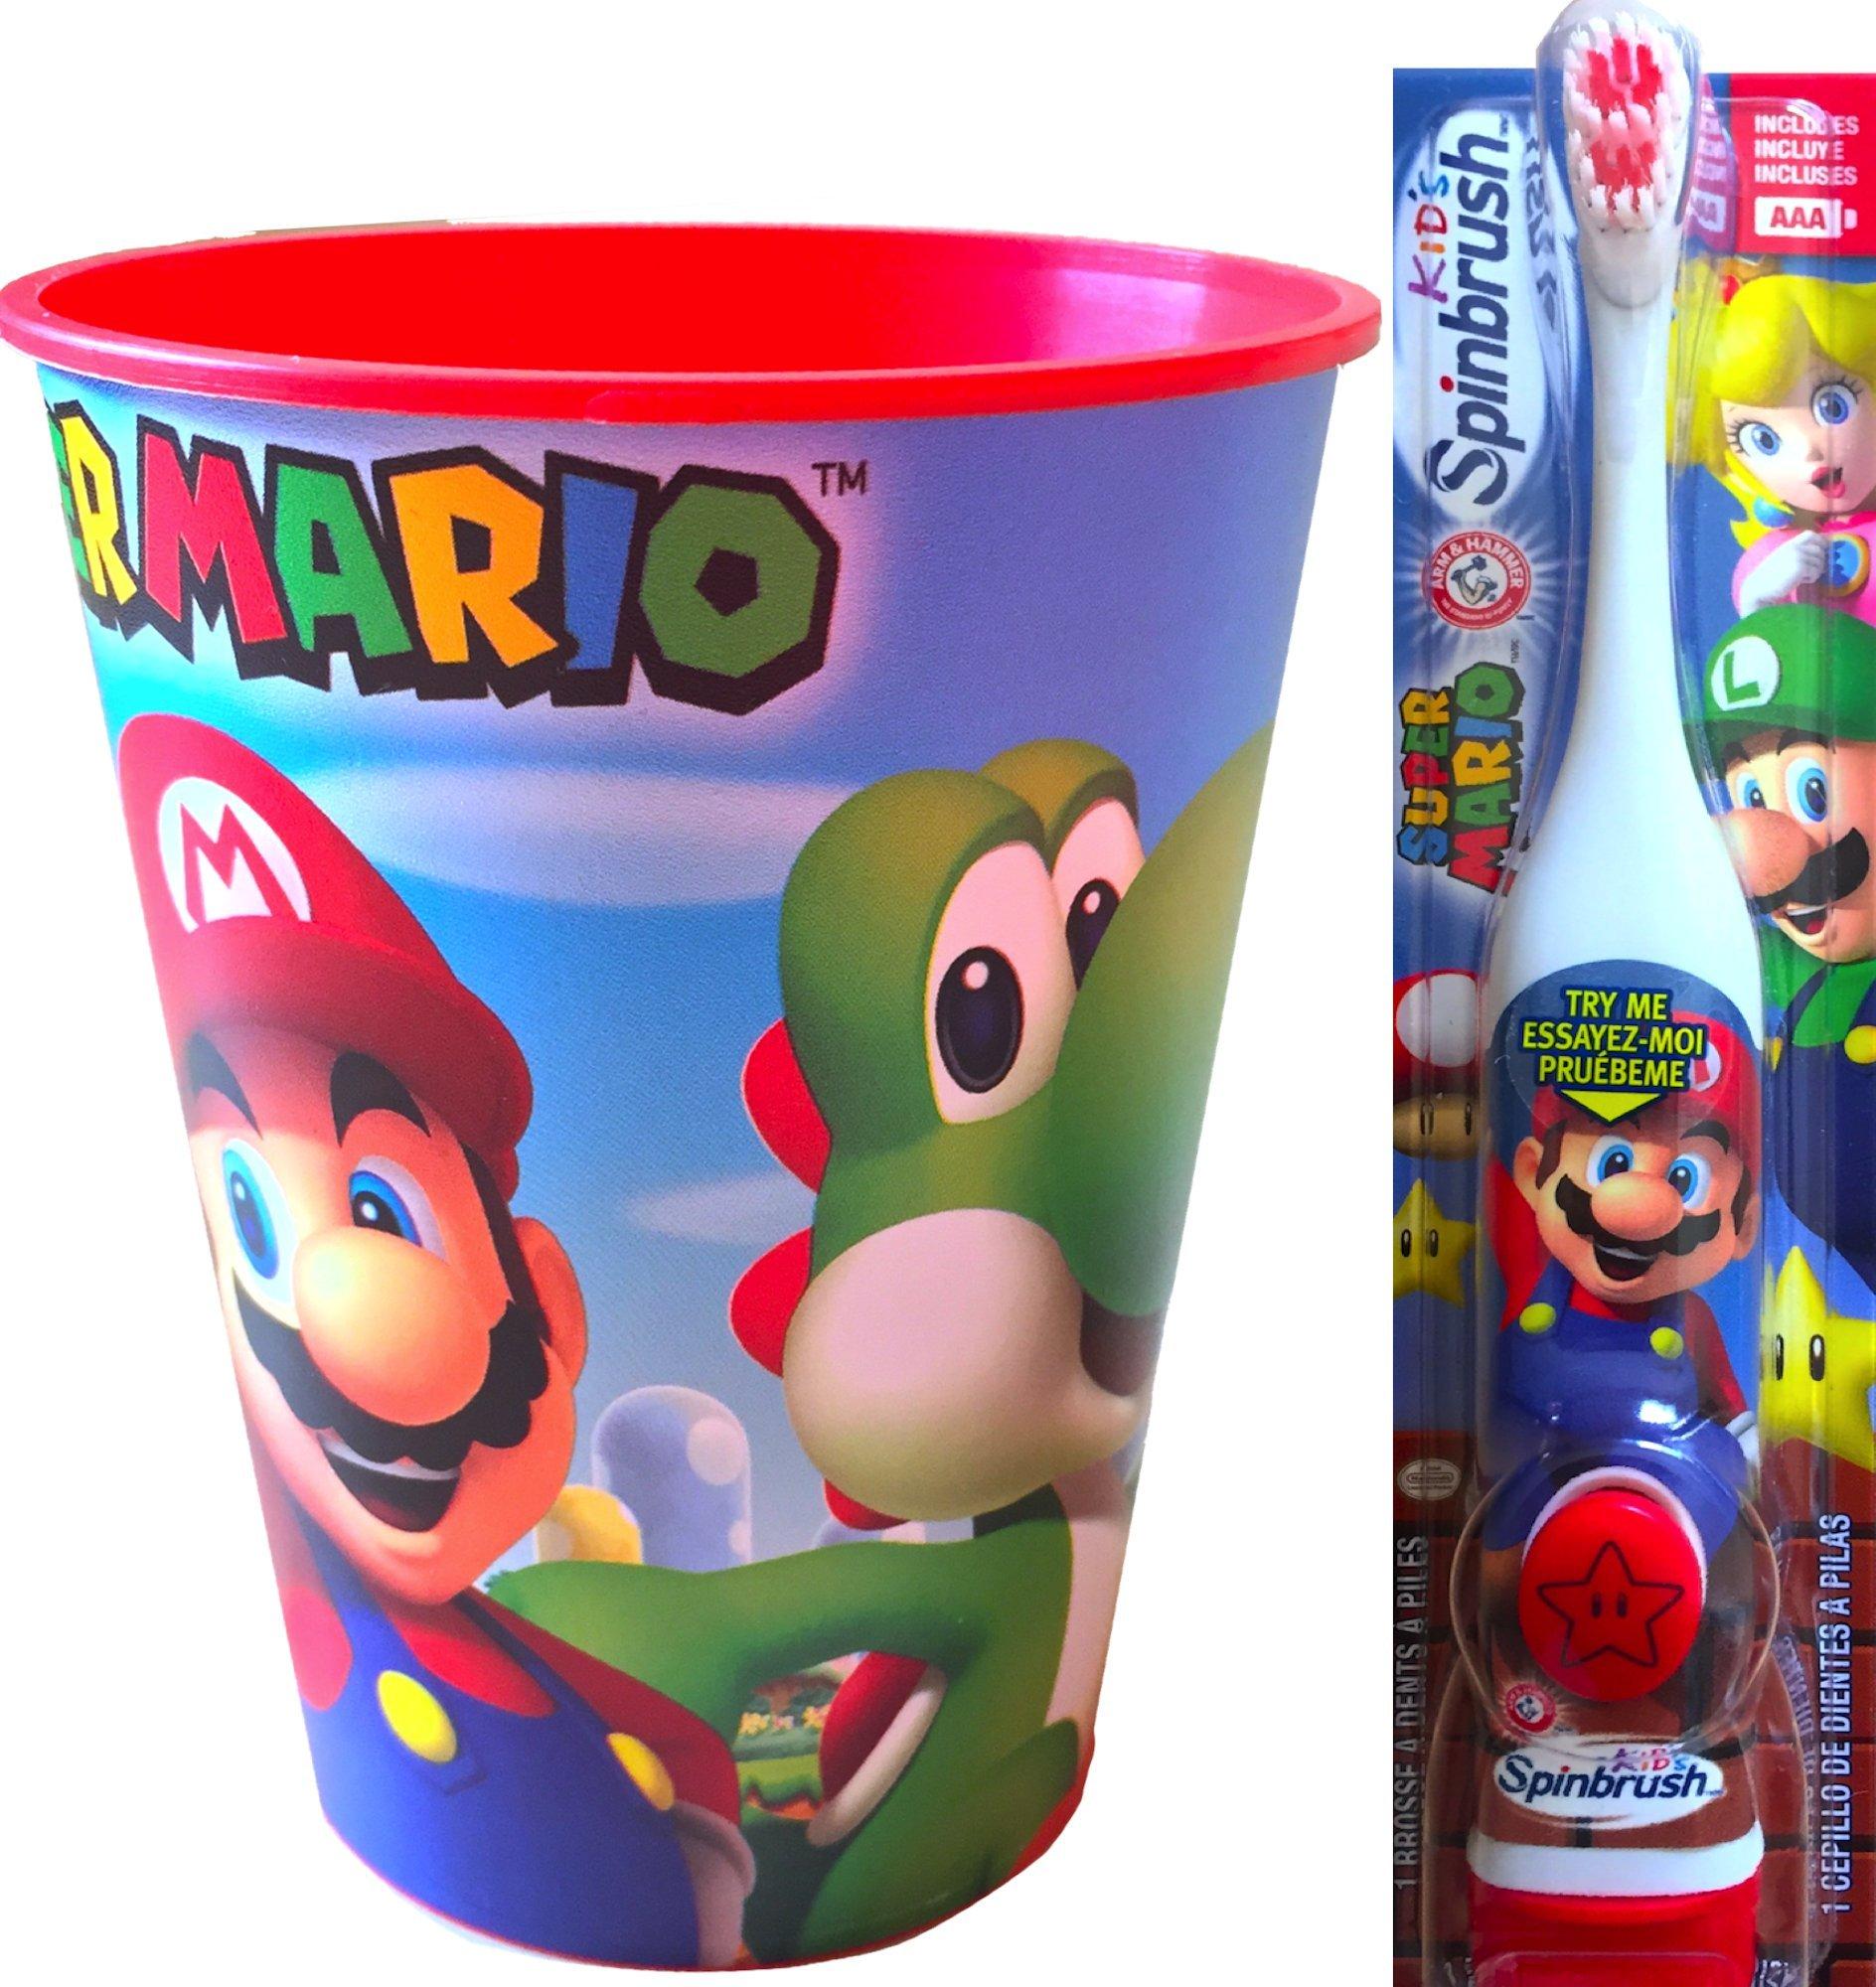 Super Mario Children's Oral Hygiene Set Includes Super Mario Rinsing Cup with Super Mario Powered Toothbrush